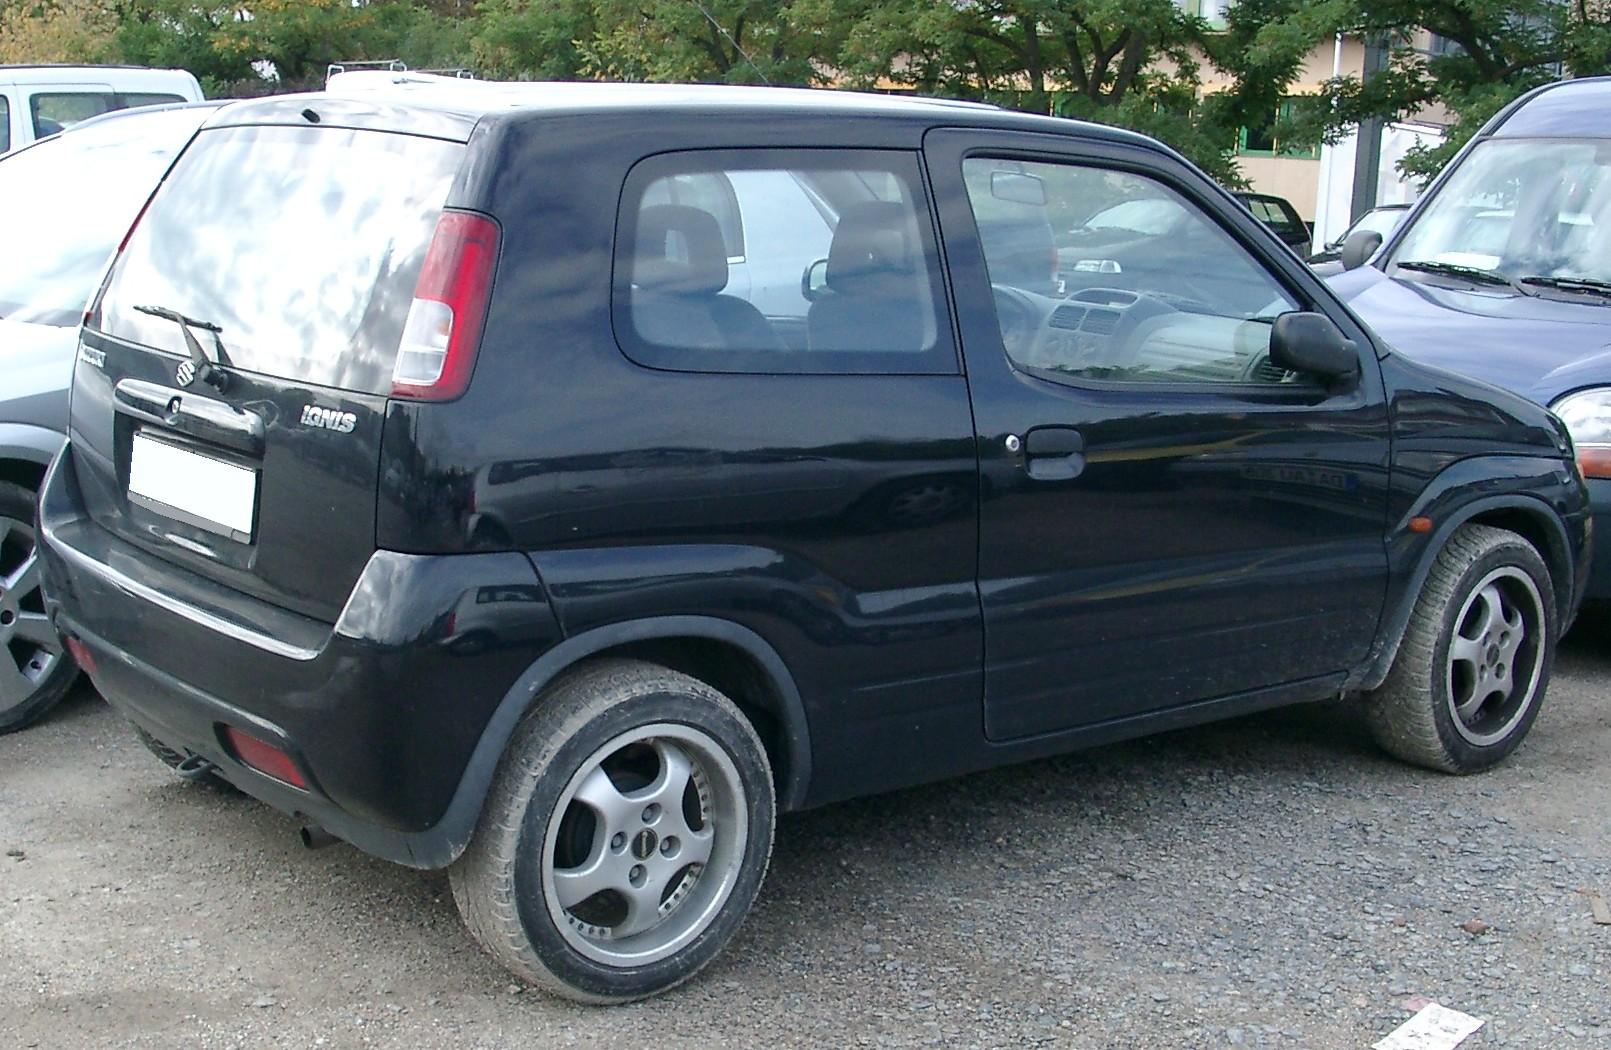 Suzuki Ignis Rear 20070926